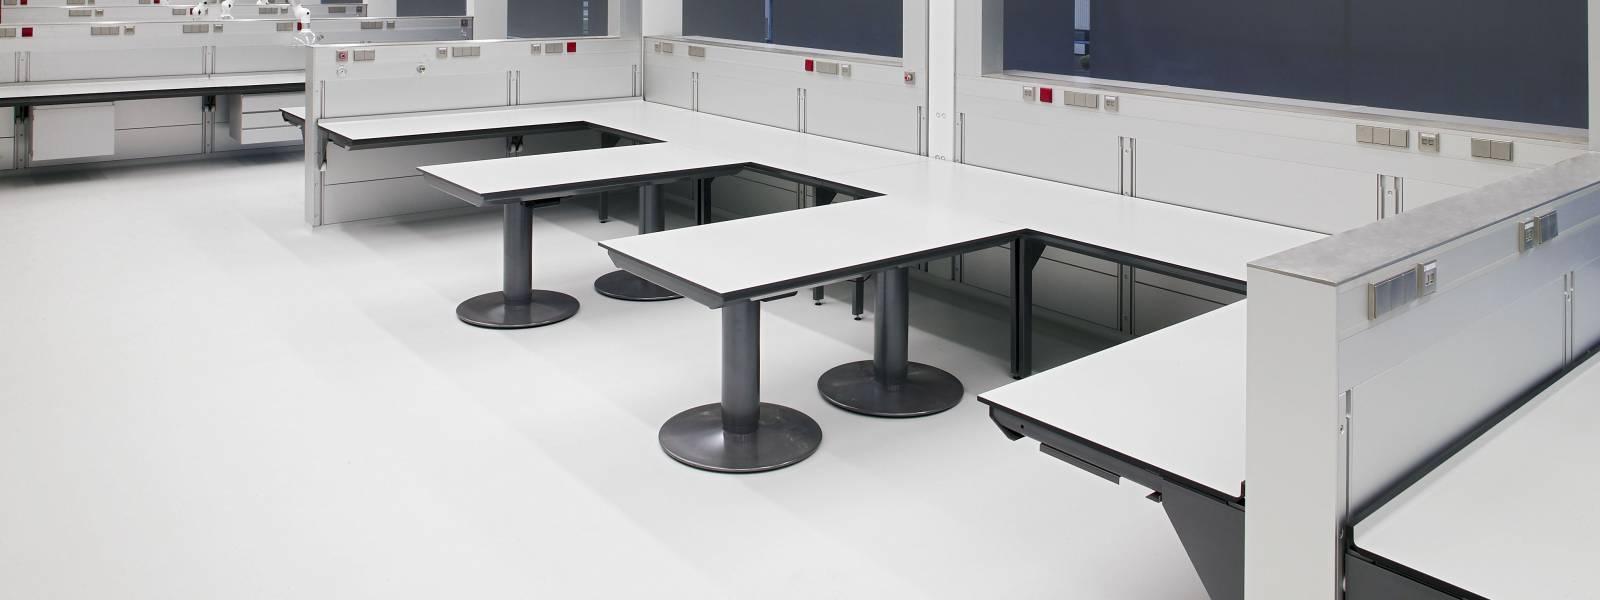 Trespa interior — Голландский судебный институт. Нидерланды (Trespa TopLab Plus и Trespa TopLab Vertical)